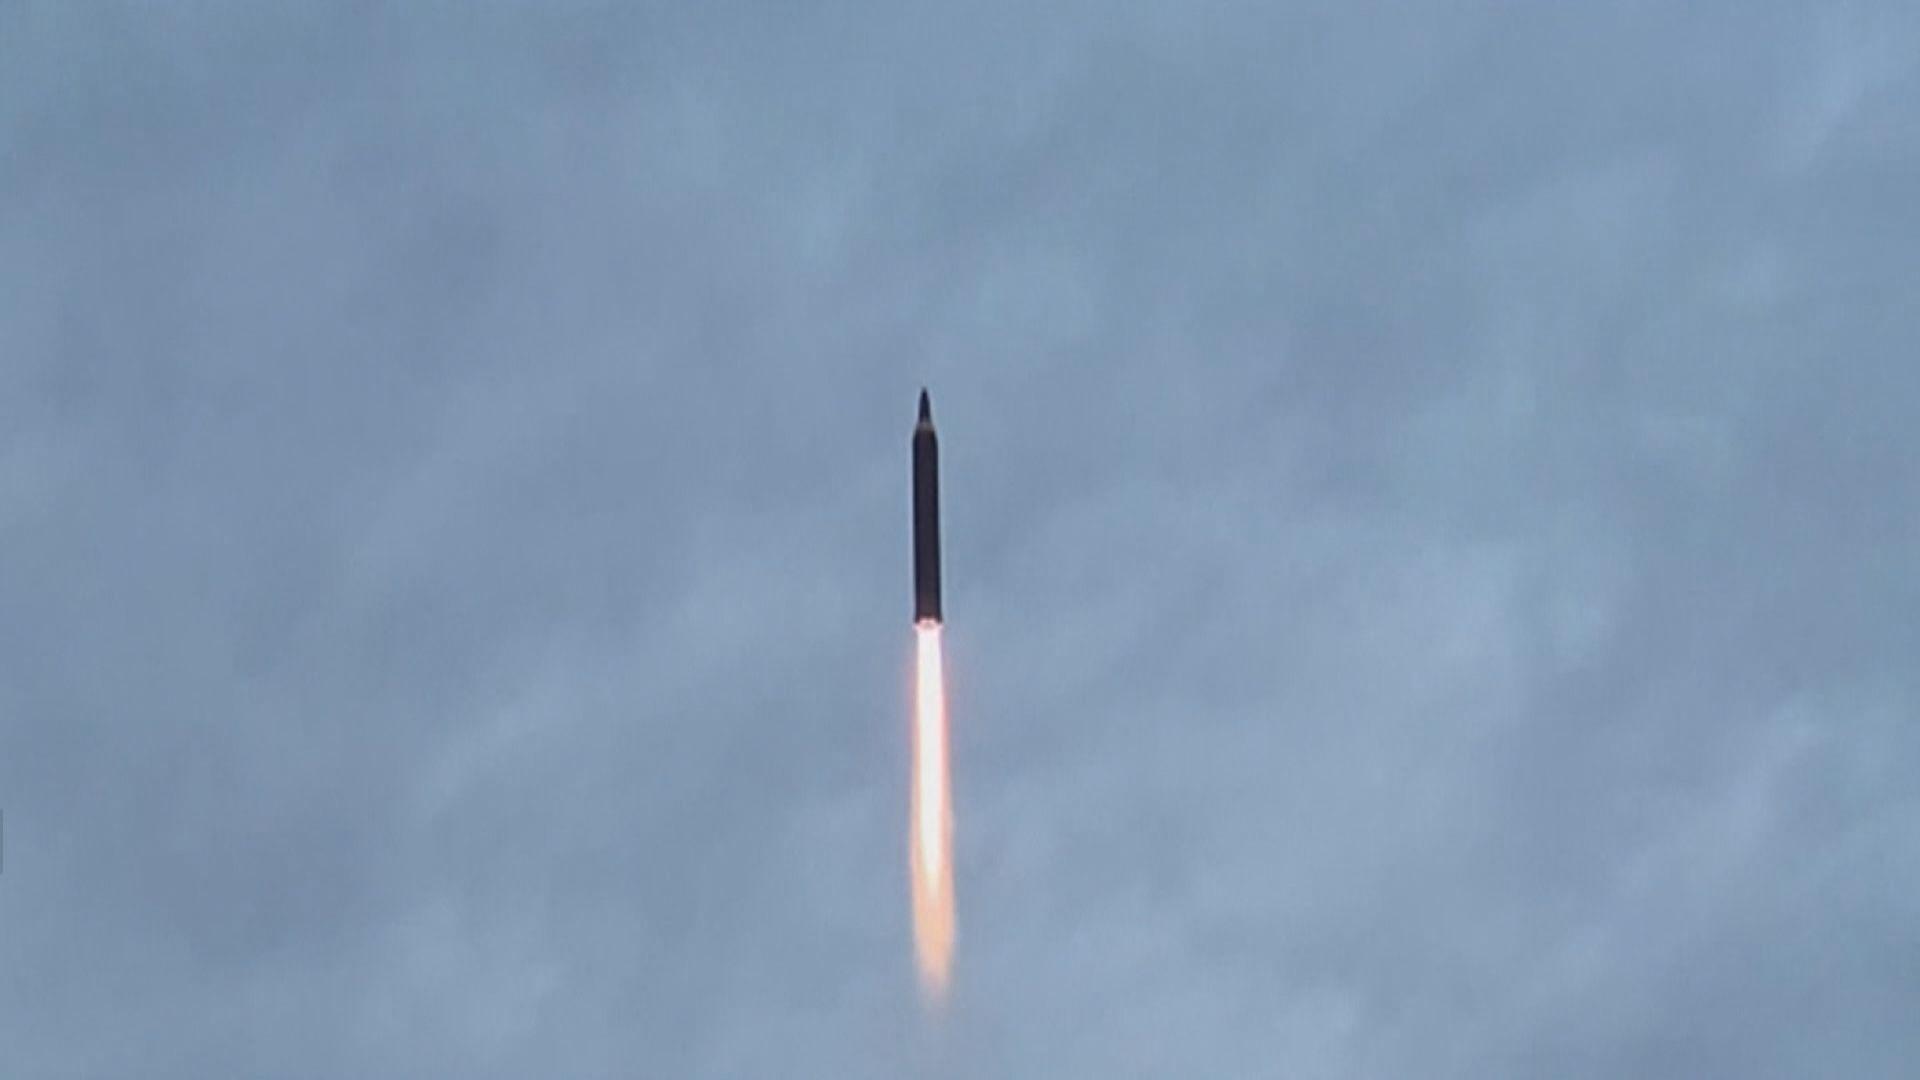 美國智庫指北韓有多個秘密導彈基地